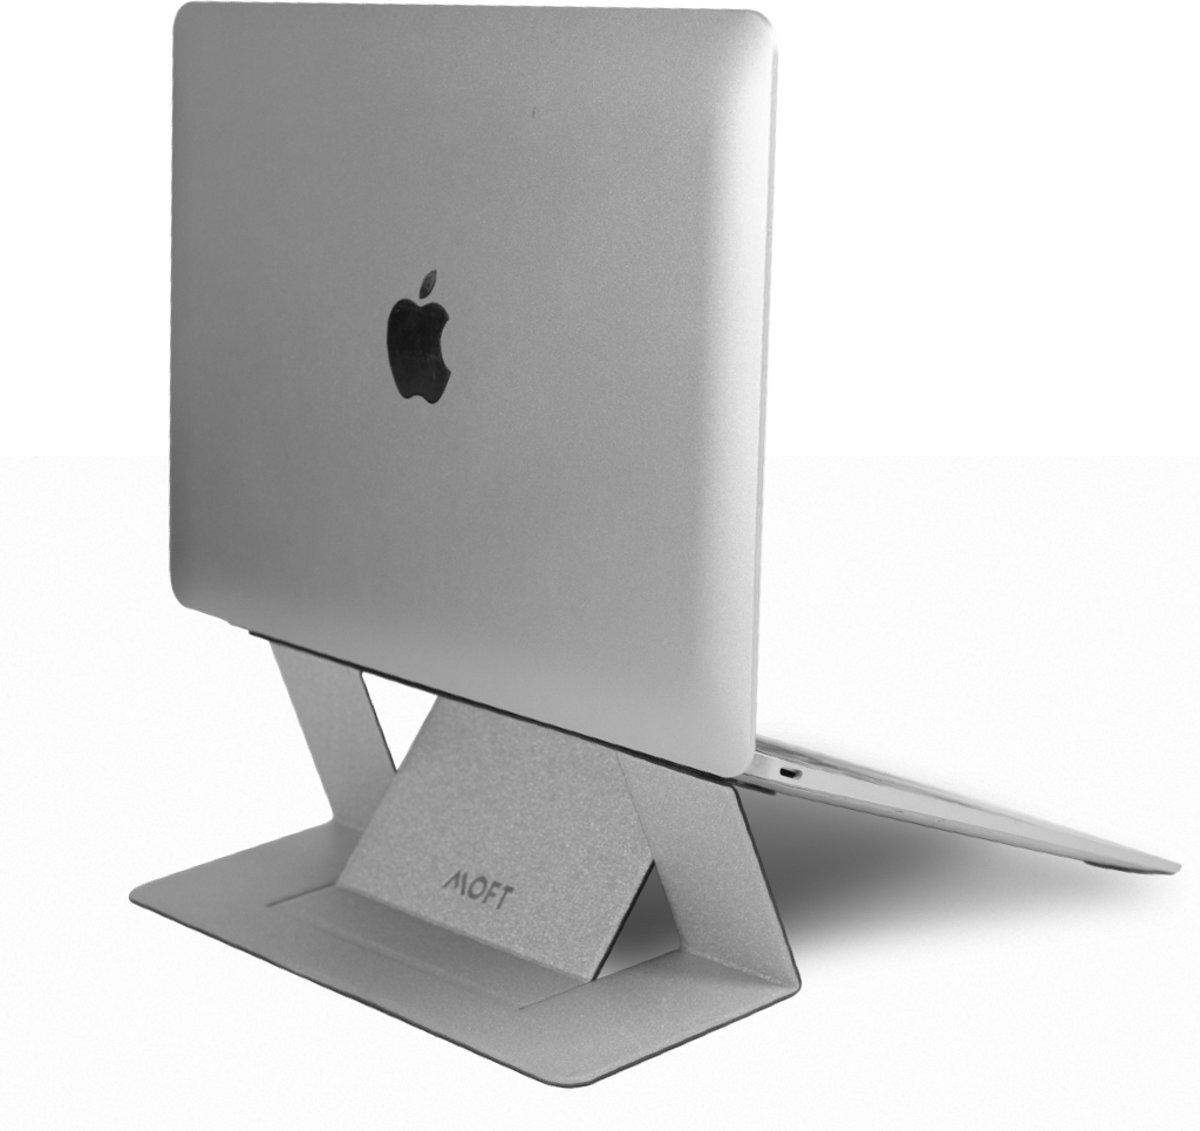 MOFT laptopstandaard zilver kopen